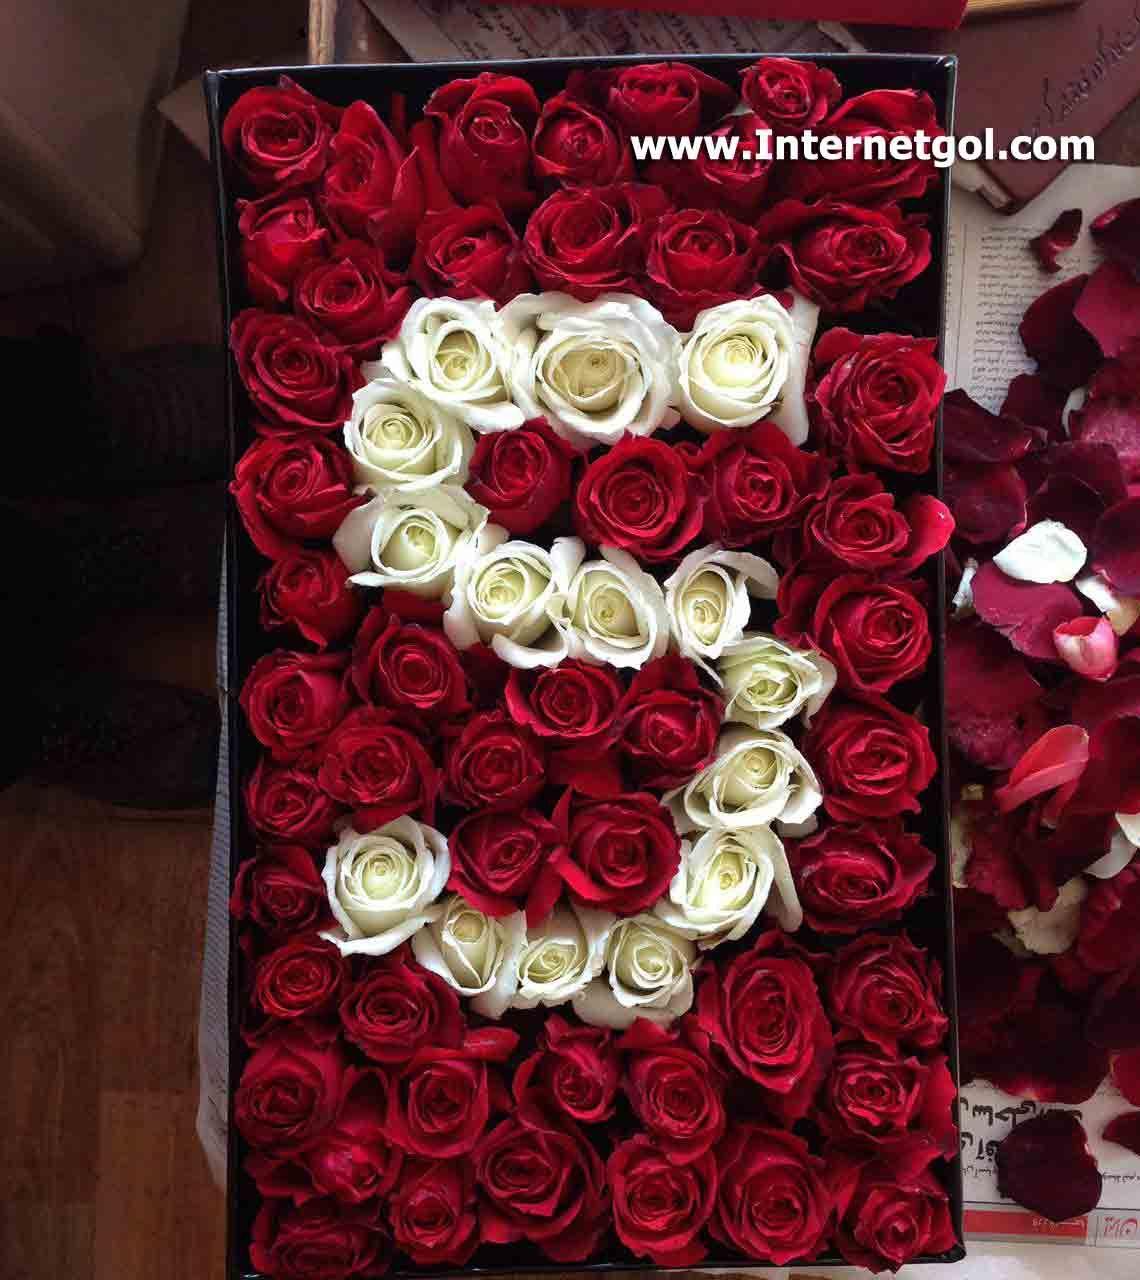 جعبه گل رز قرمز طرح حرف S انگلیسی شامل 50 شاخه گل رز قرمز و 15 شاخه گل رز سفید می باشد که رزهای سفید رنگ حرف S انگ Flower Drawing